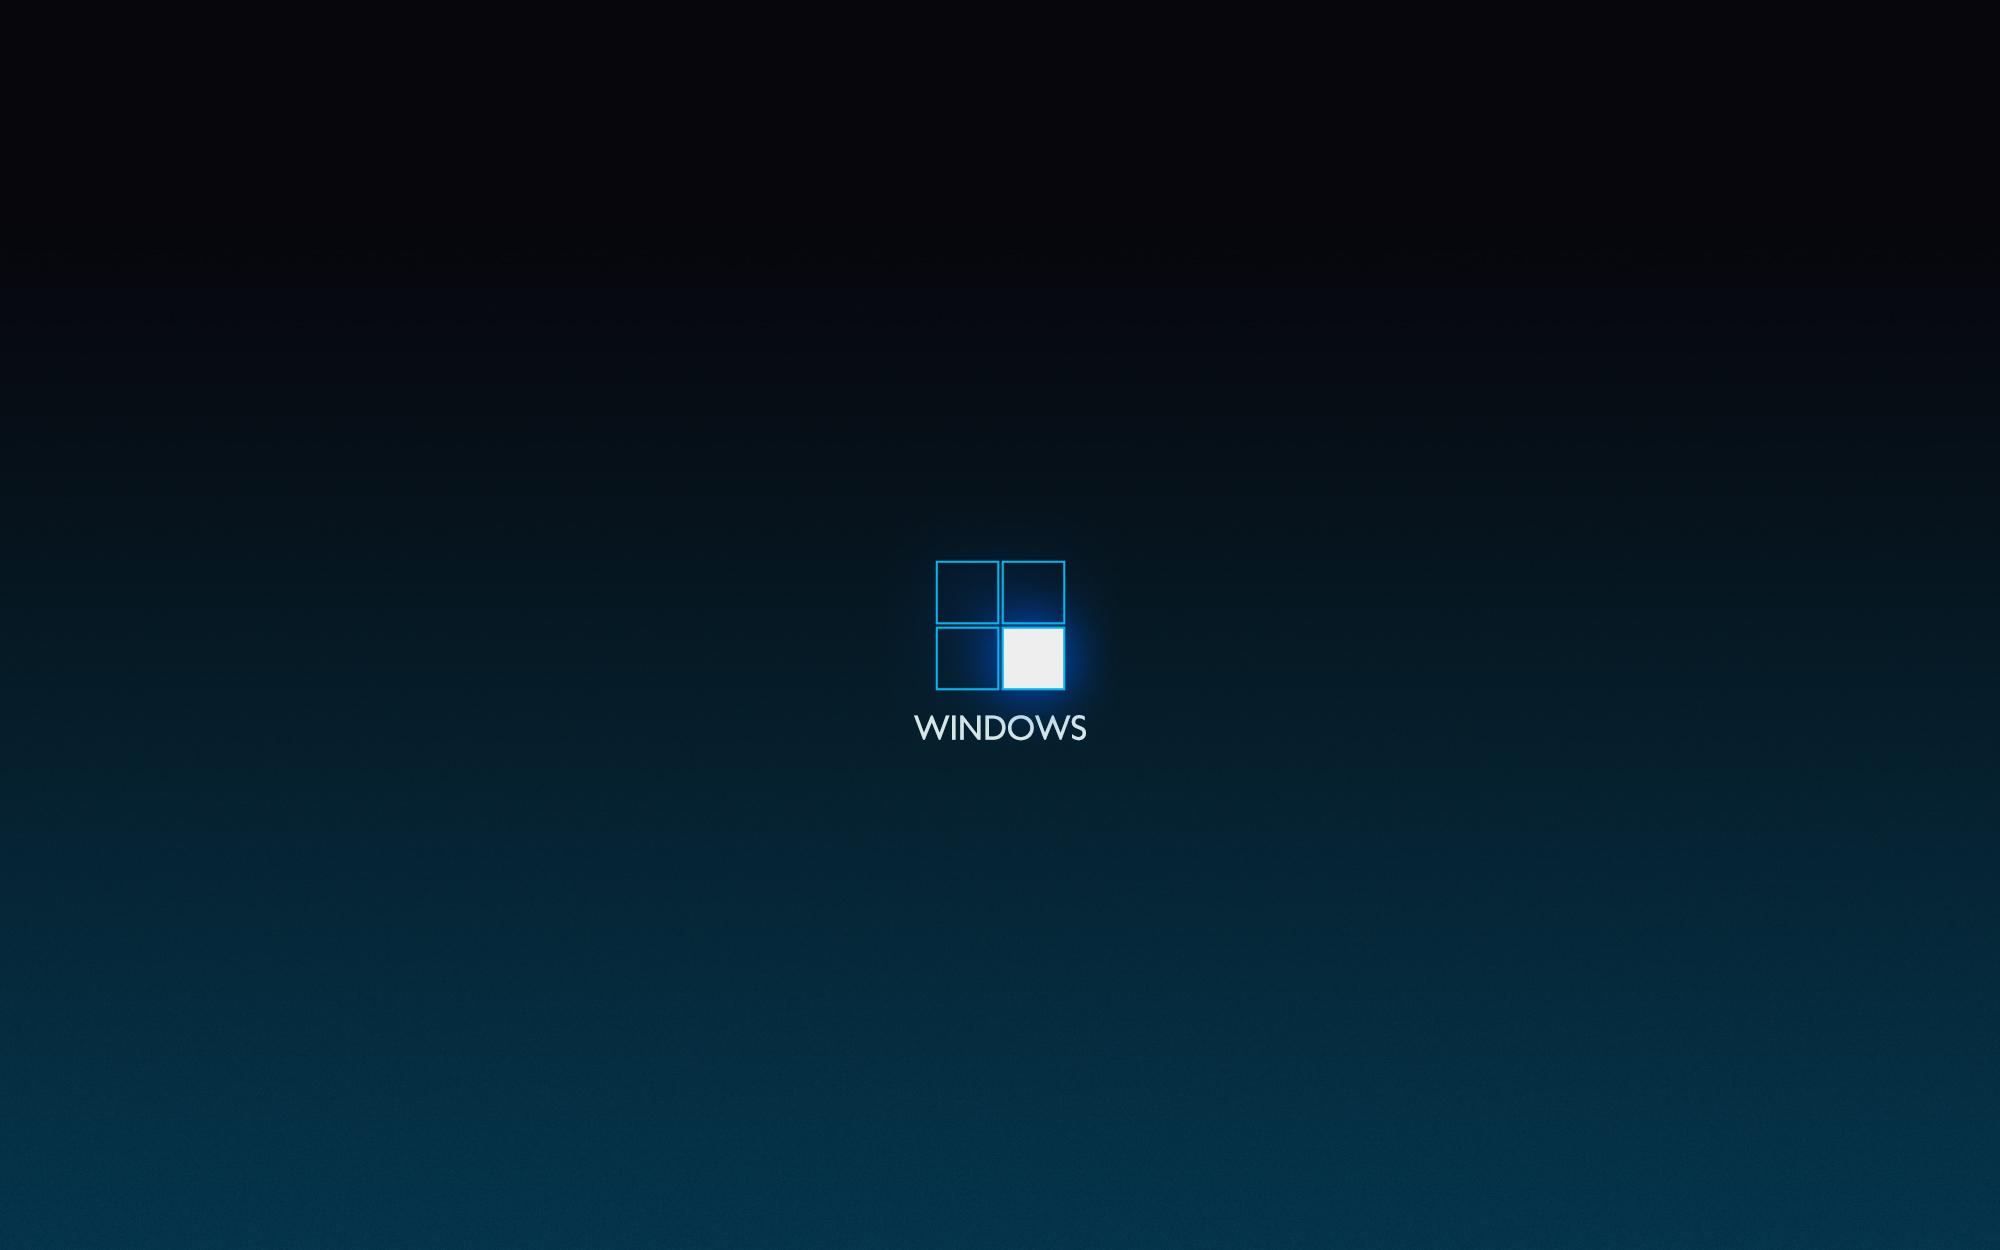 似顔絵 海福屋デザインワークス Ar Twitter Windows Wall Paper 24インチモニタ 解像度19 10用の Windows壁紙を作ったのでよろしければ使ってやってください シンプルかっこいいブラック壁紙